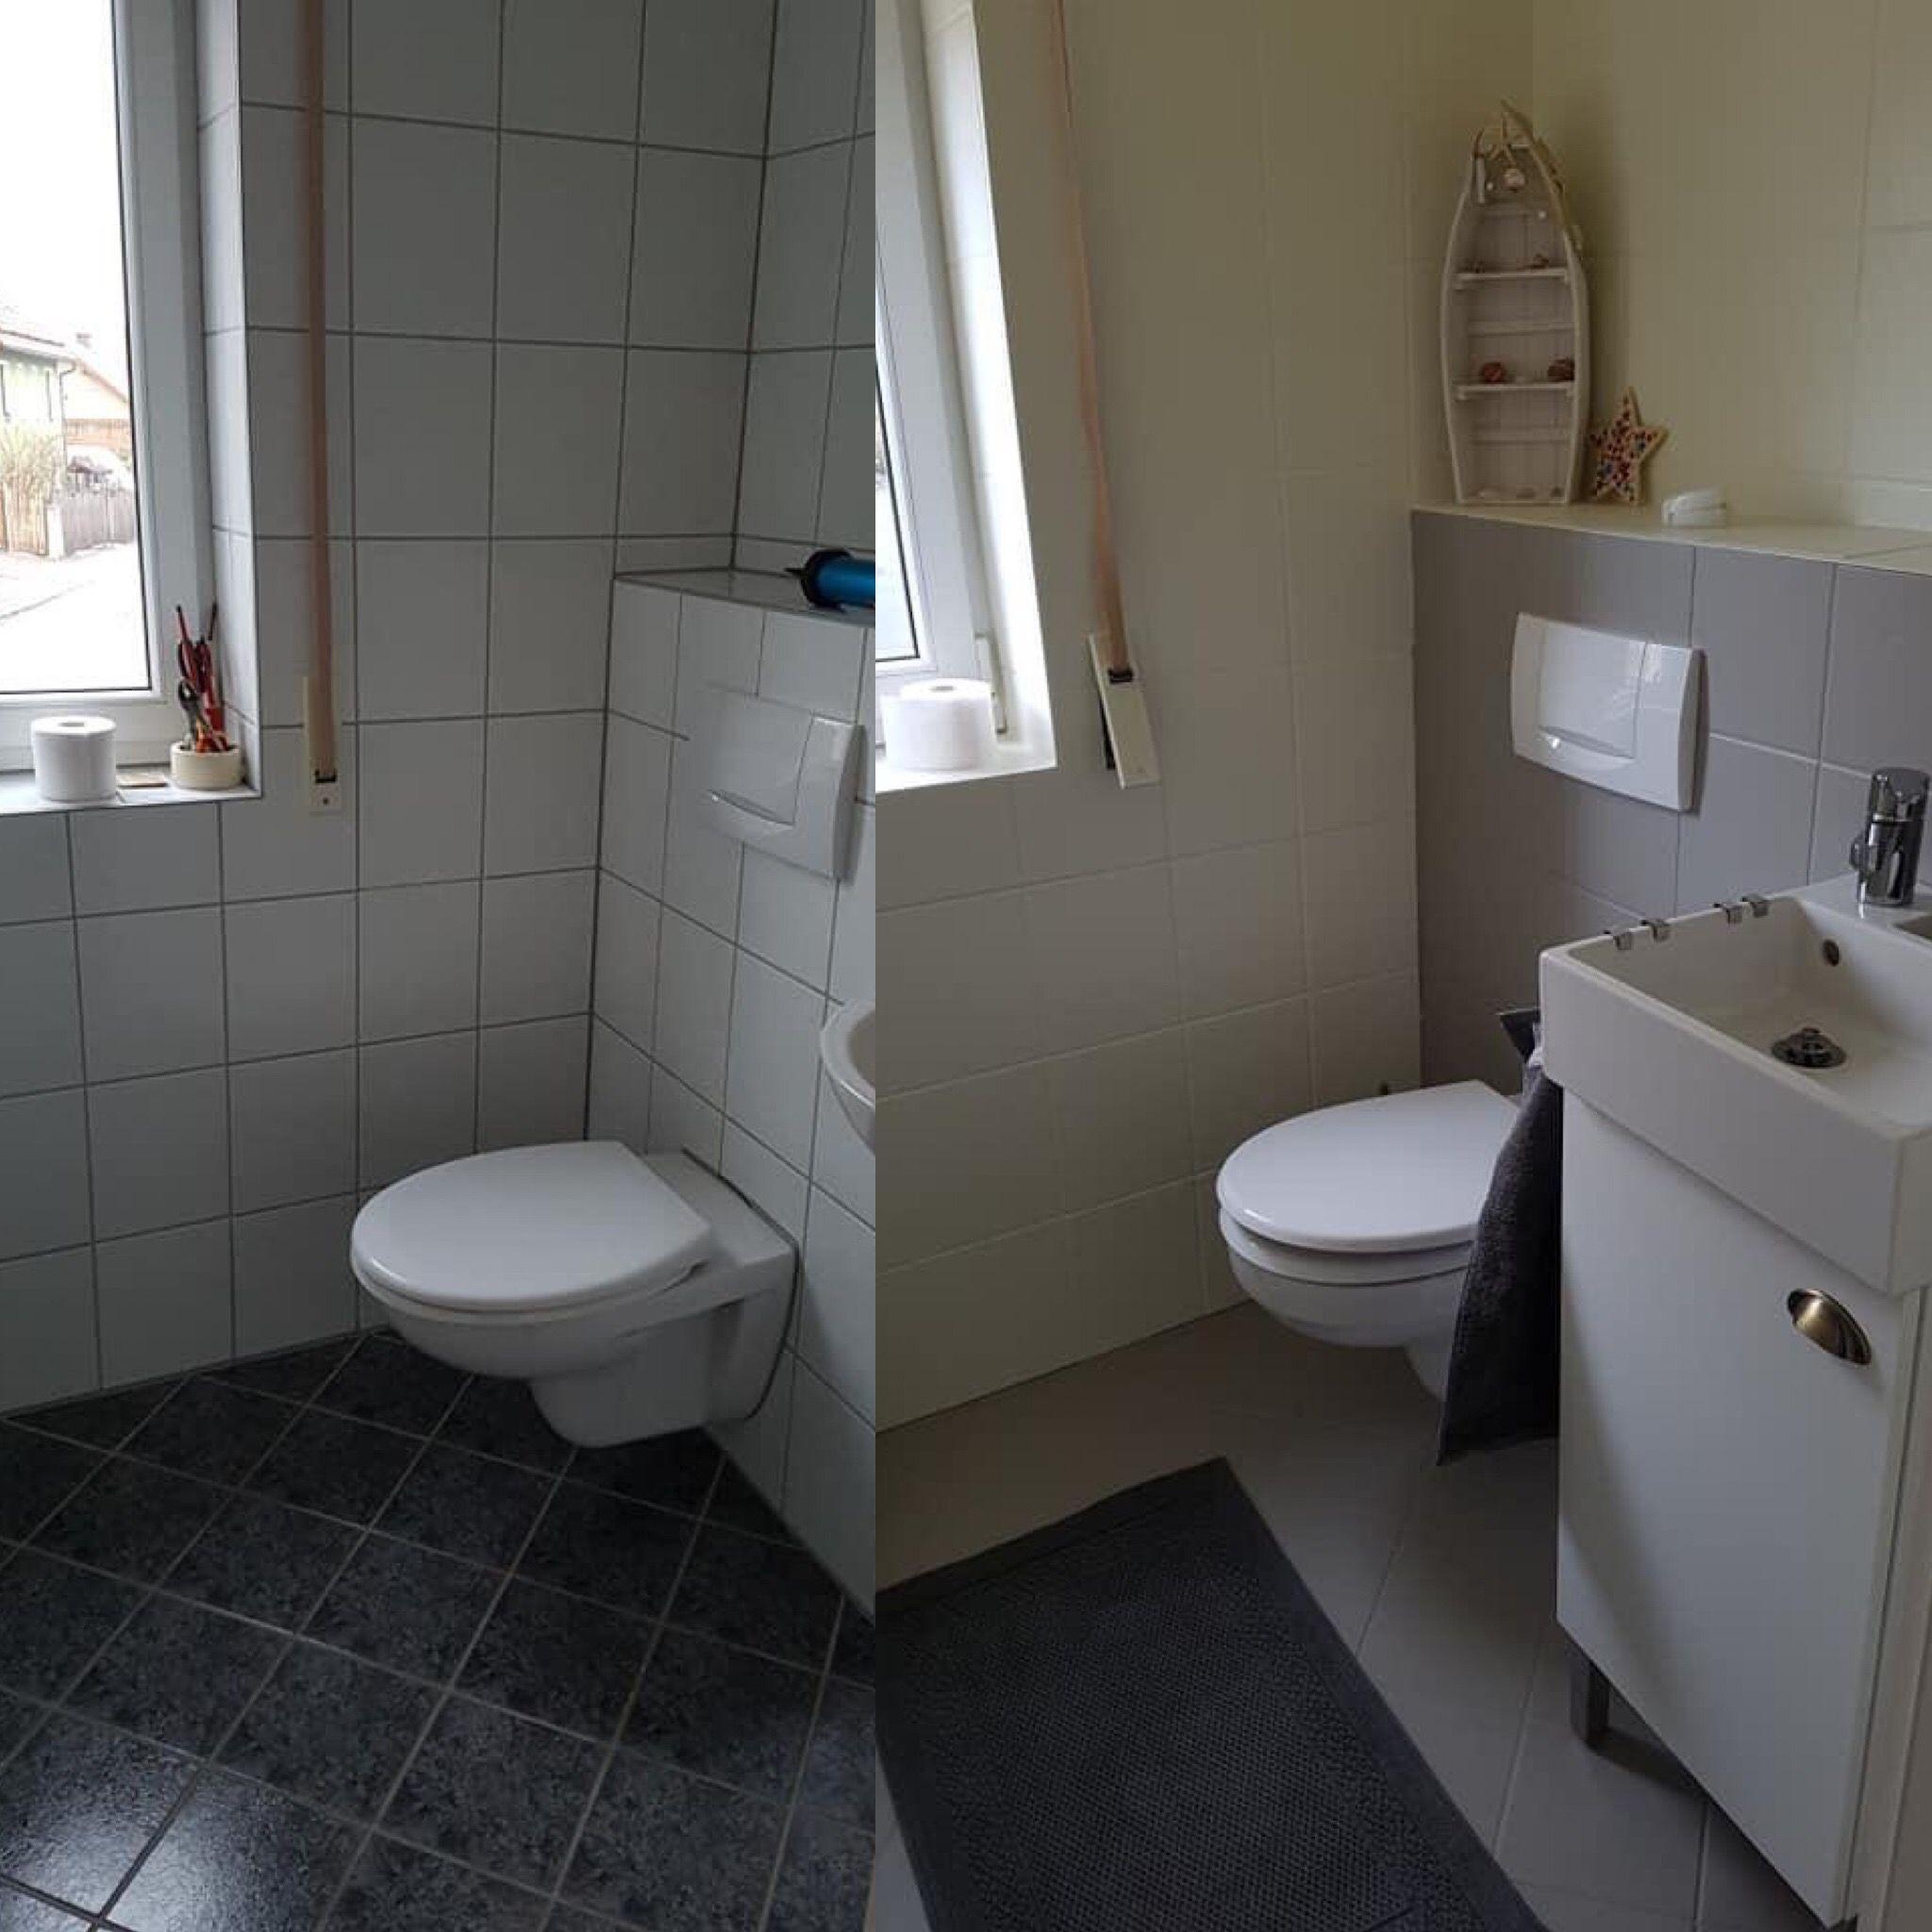 Gaste Wc Streichen Wc Renovieren Toilette Renovieren Gaste Wc